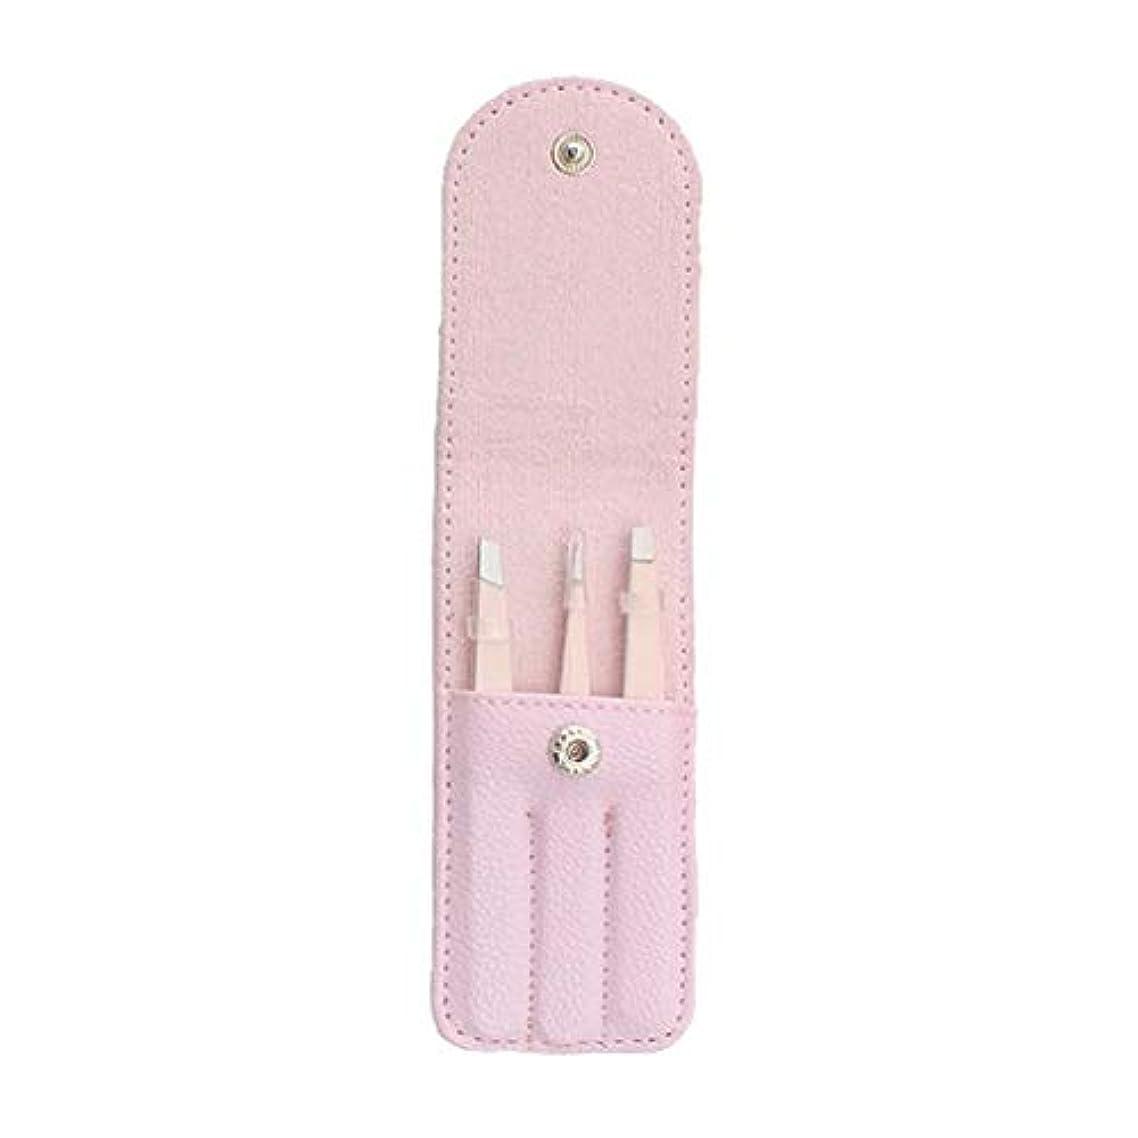 アフリカ瞑想する作りgazechimp 全4色 3個 眉毛ピンセット 毛抜き 眉毛クリップ ステンレス鋼 収納バッグ付 メイク道具 - ピンク